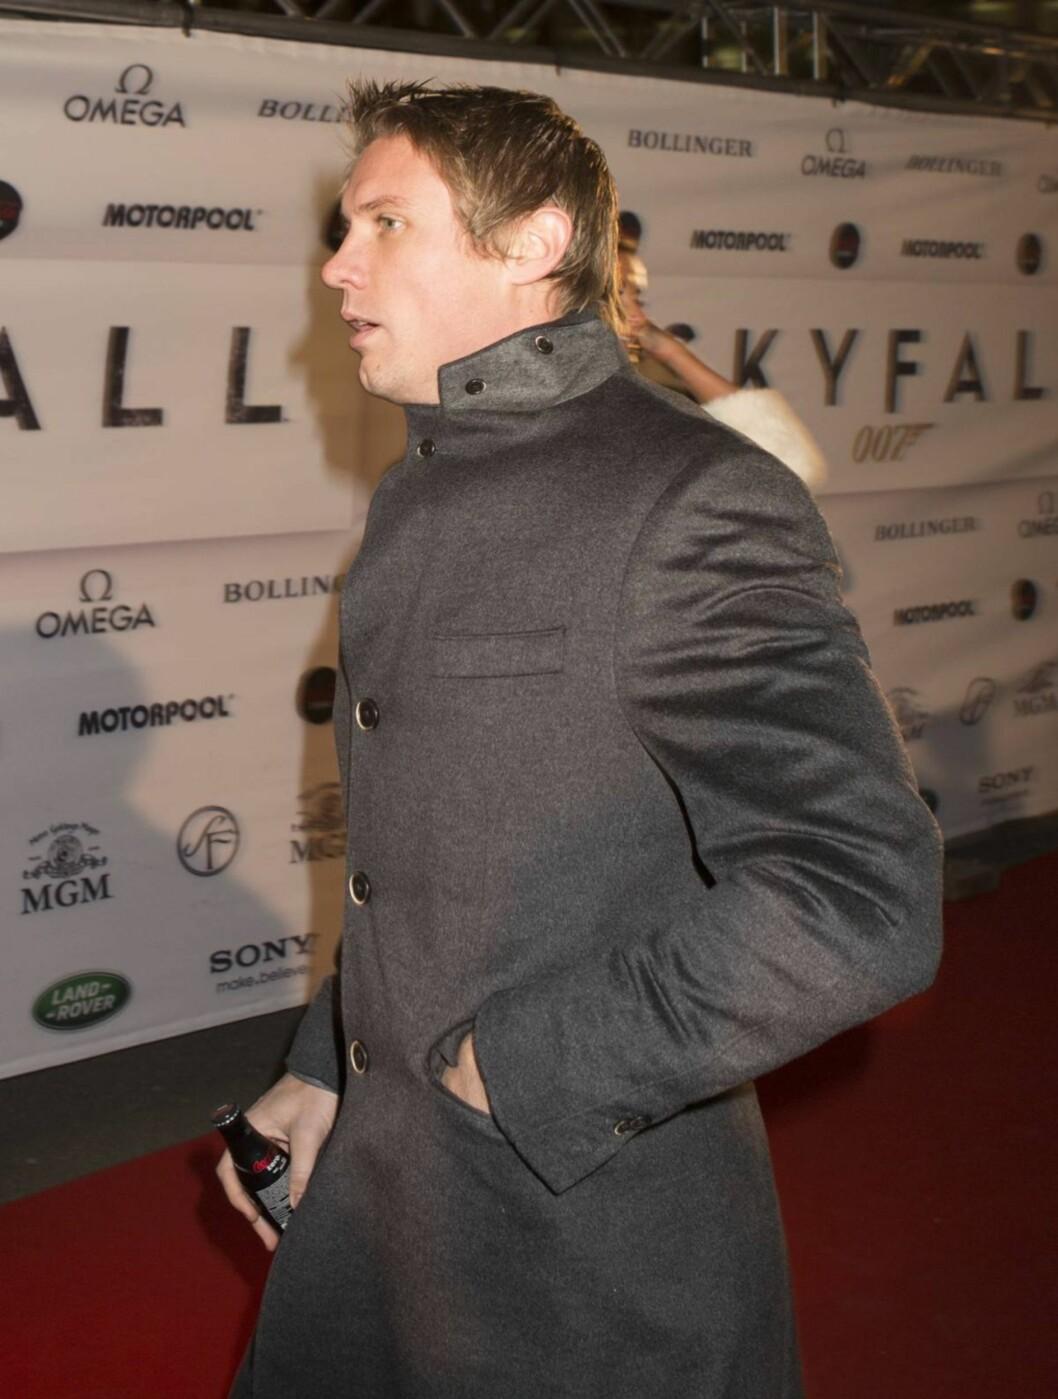 <strong>HASTET INN:</strong> Spydkaster Andreas Thorkildsen fortet seg inn til premieren noen minutter før agent 007 entret lerretet. Foto: Espen Solli / Se og Hør